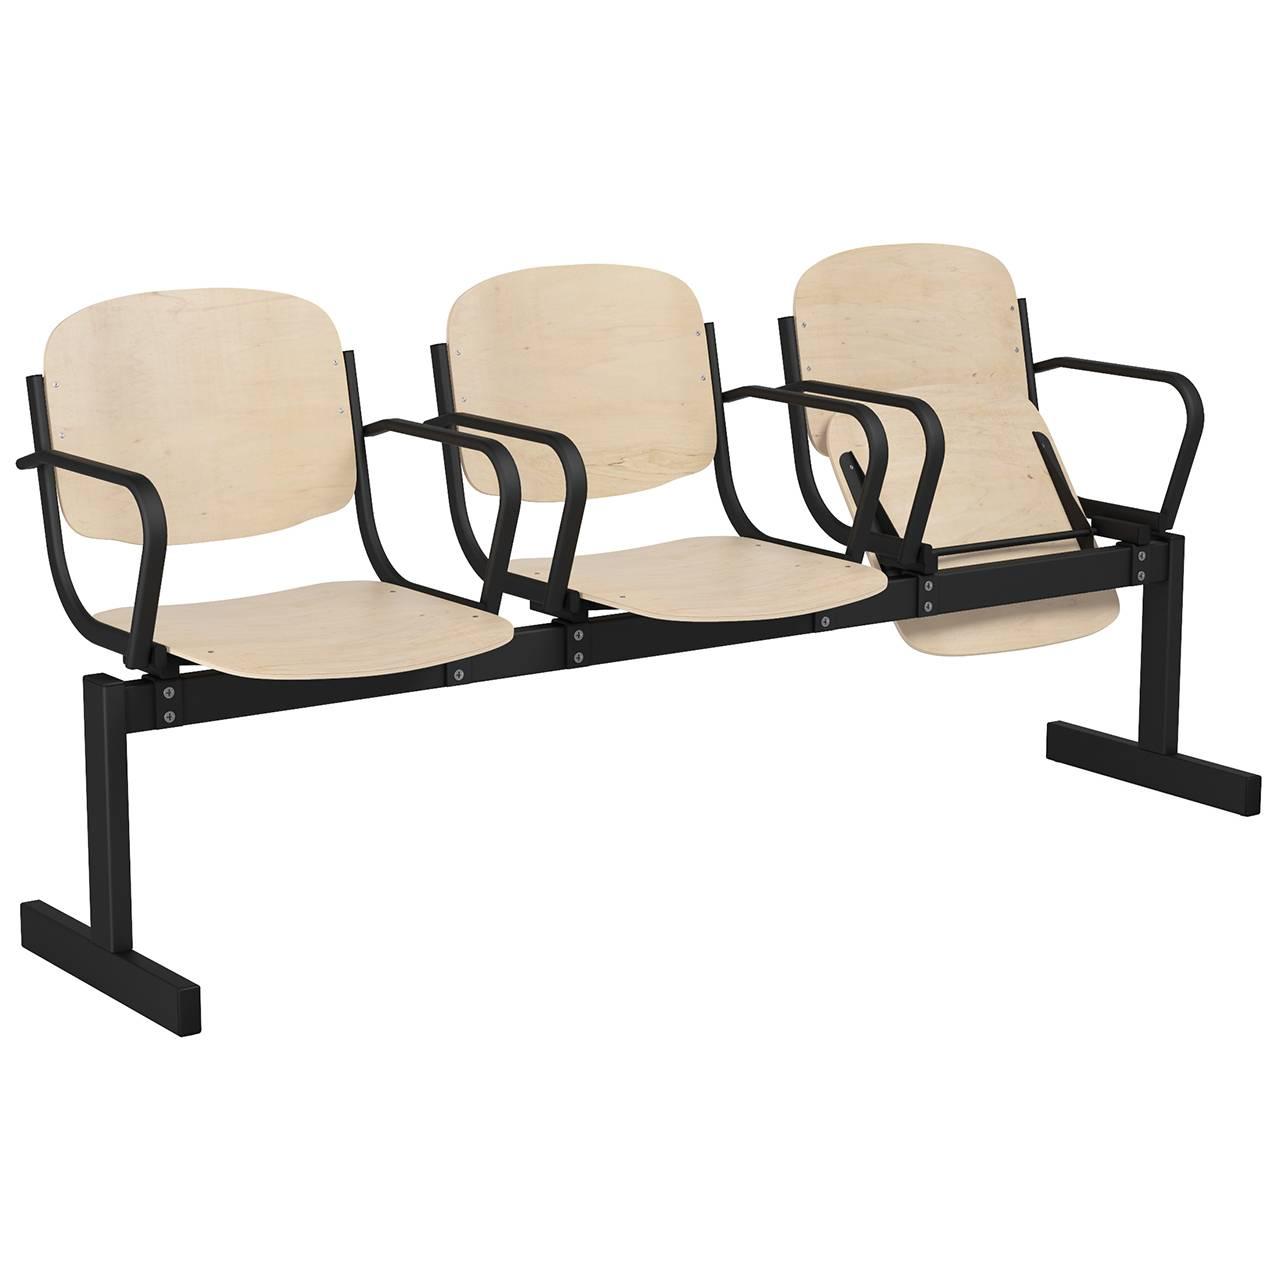 3-местный, откидывающиеся сиденья, подлокотники